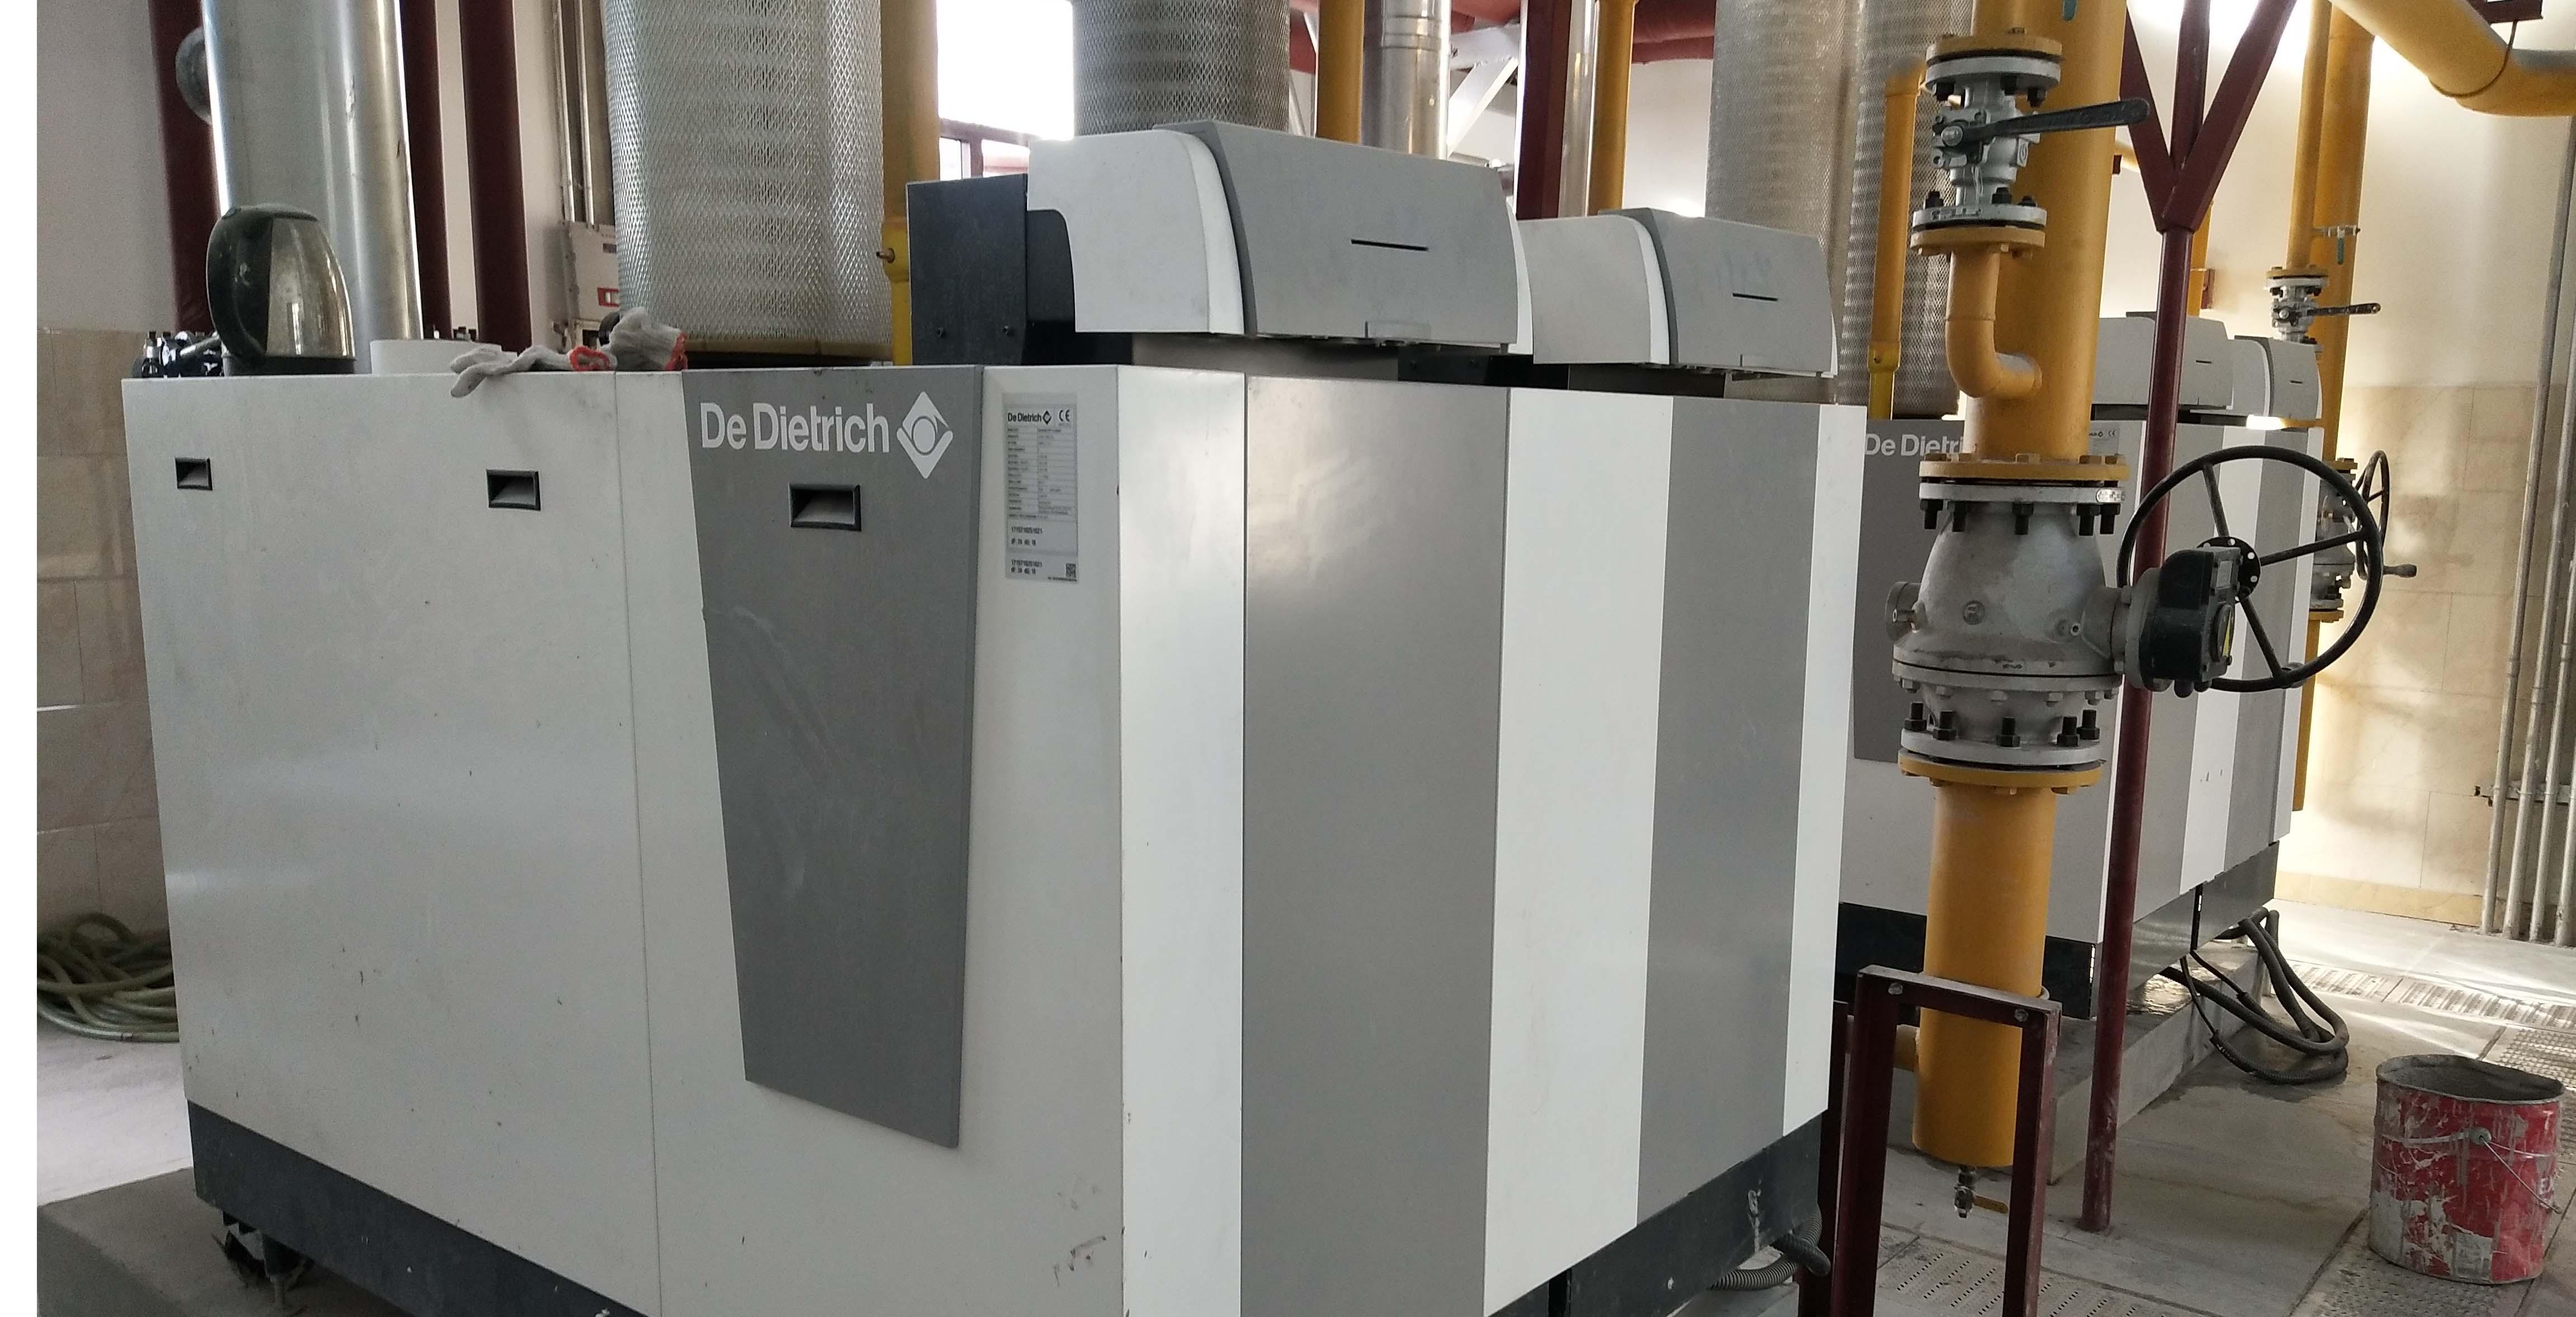 西城区人民政府军队某干休所-锅炉低氮改造案例